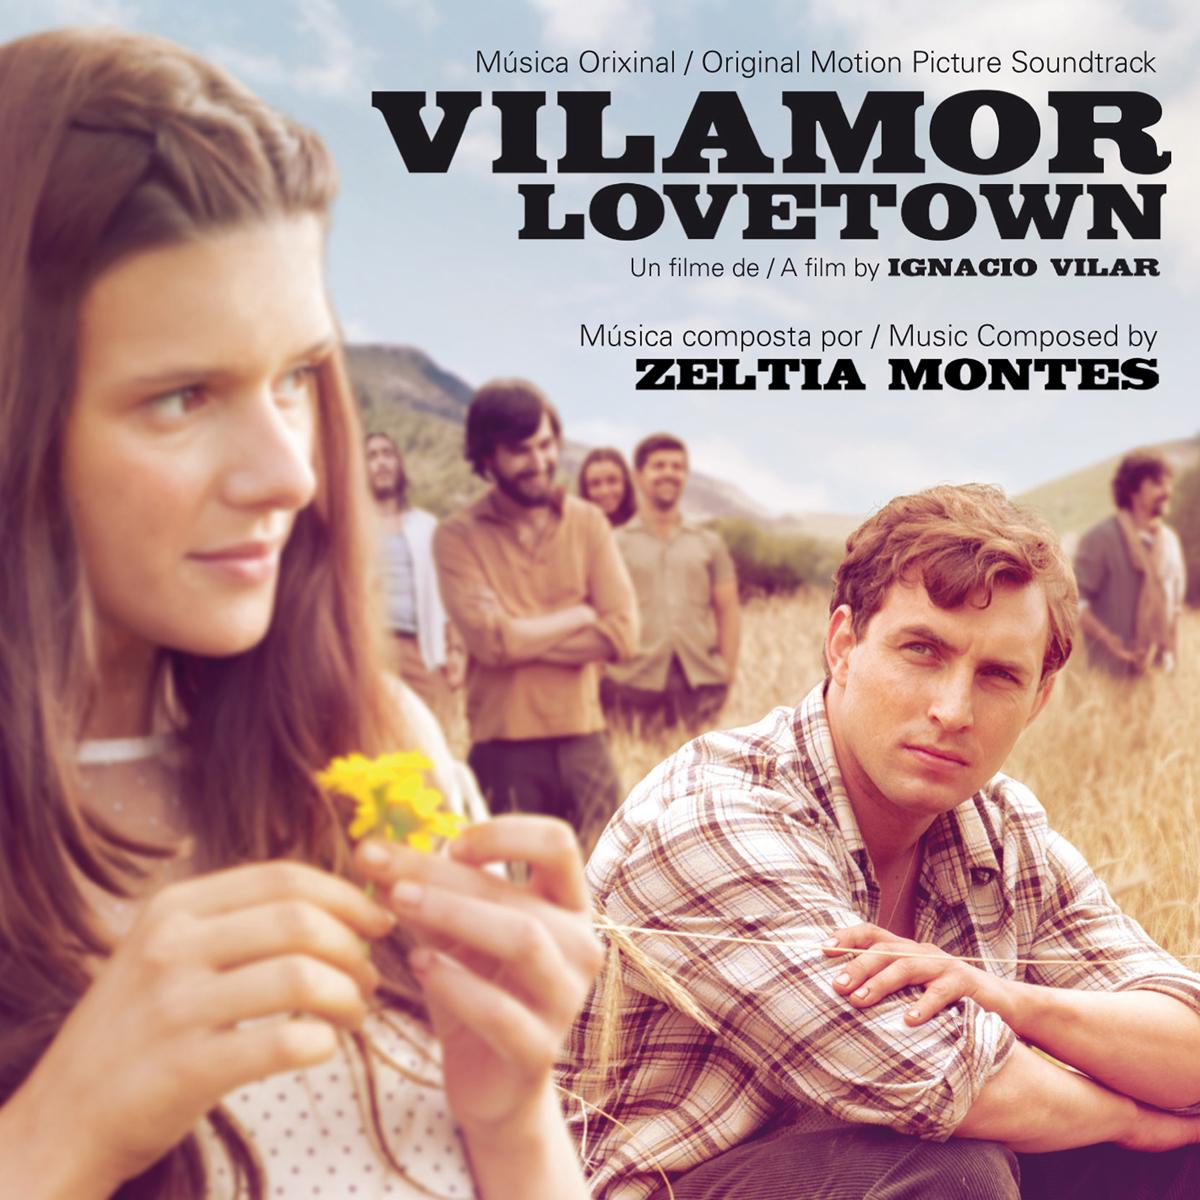 Vilamor (Lovetown)